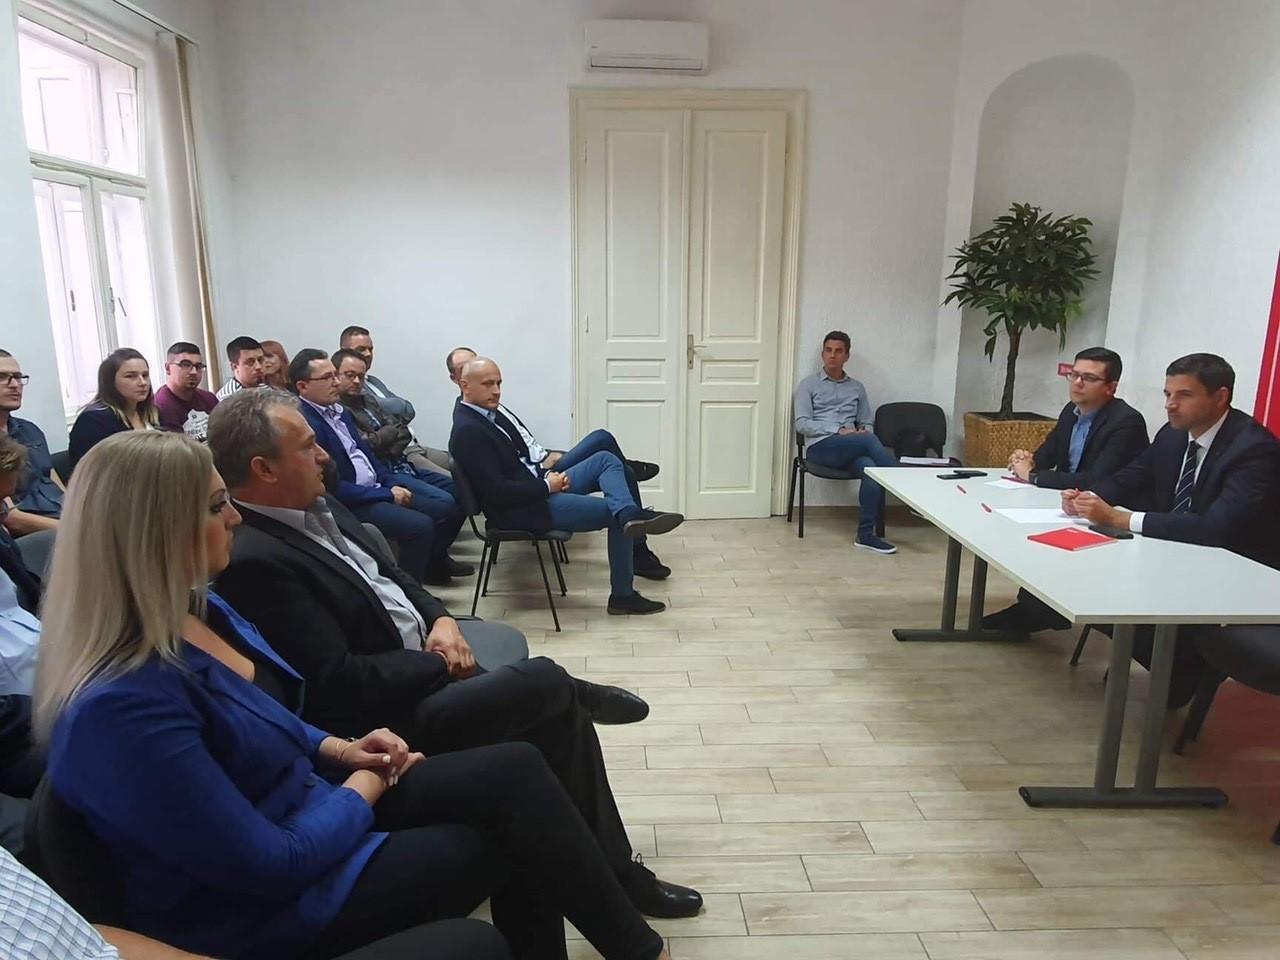 """Marina Opčak Bilić u Osijeku na tematskoj sjednici, SDP programom """"Slavonija 2030.""""  Slavoniju želi učiniti uspješnom i bogatom"""